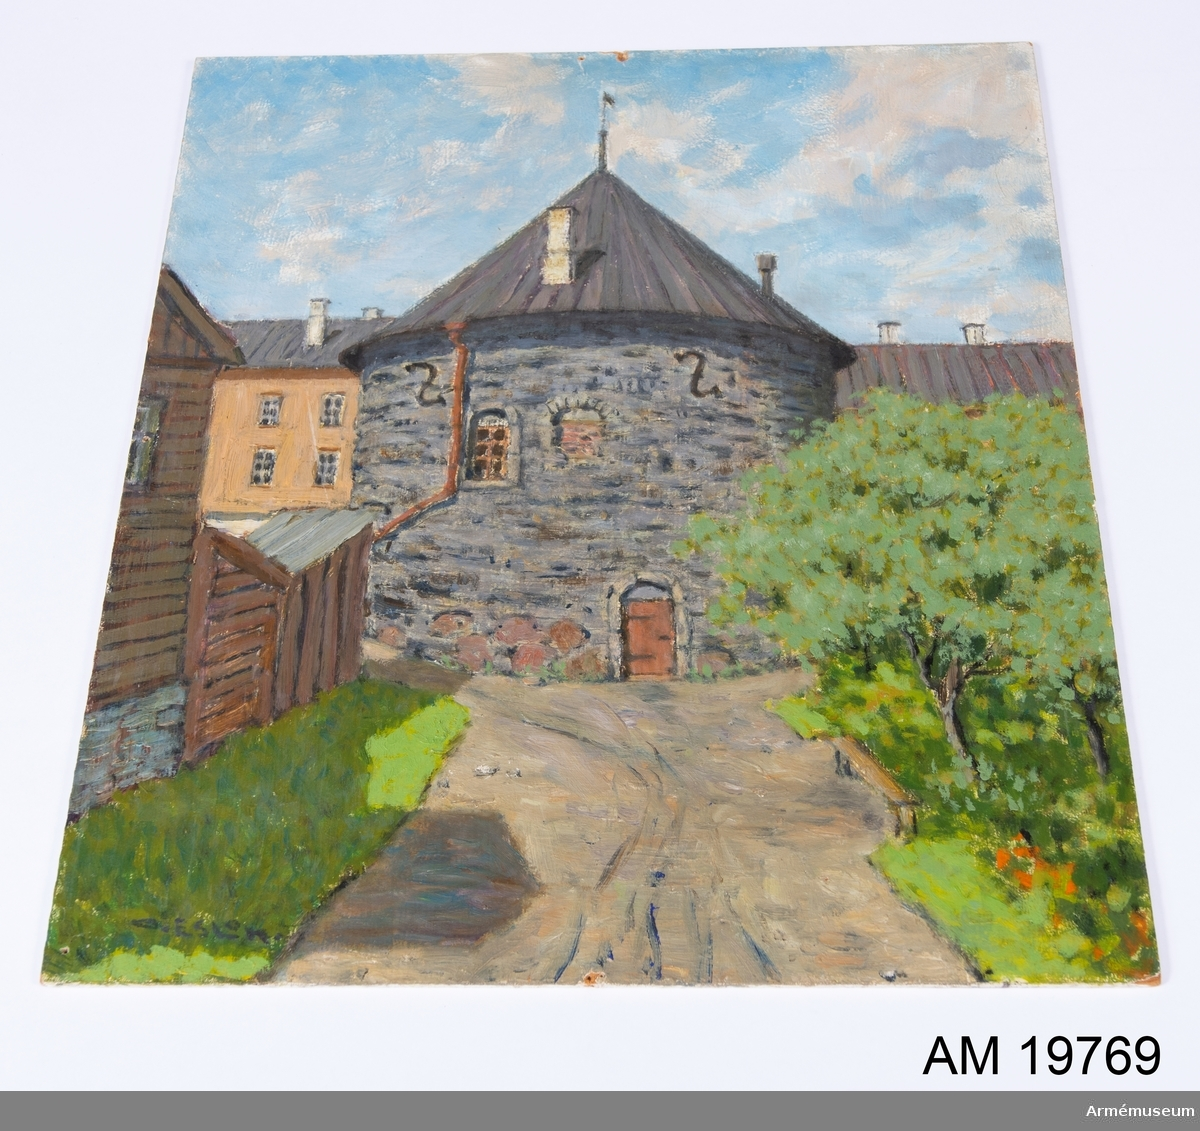 Oramad oljemålning föreställande Castell in Kuressaare, av O. Eslon.